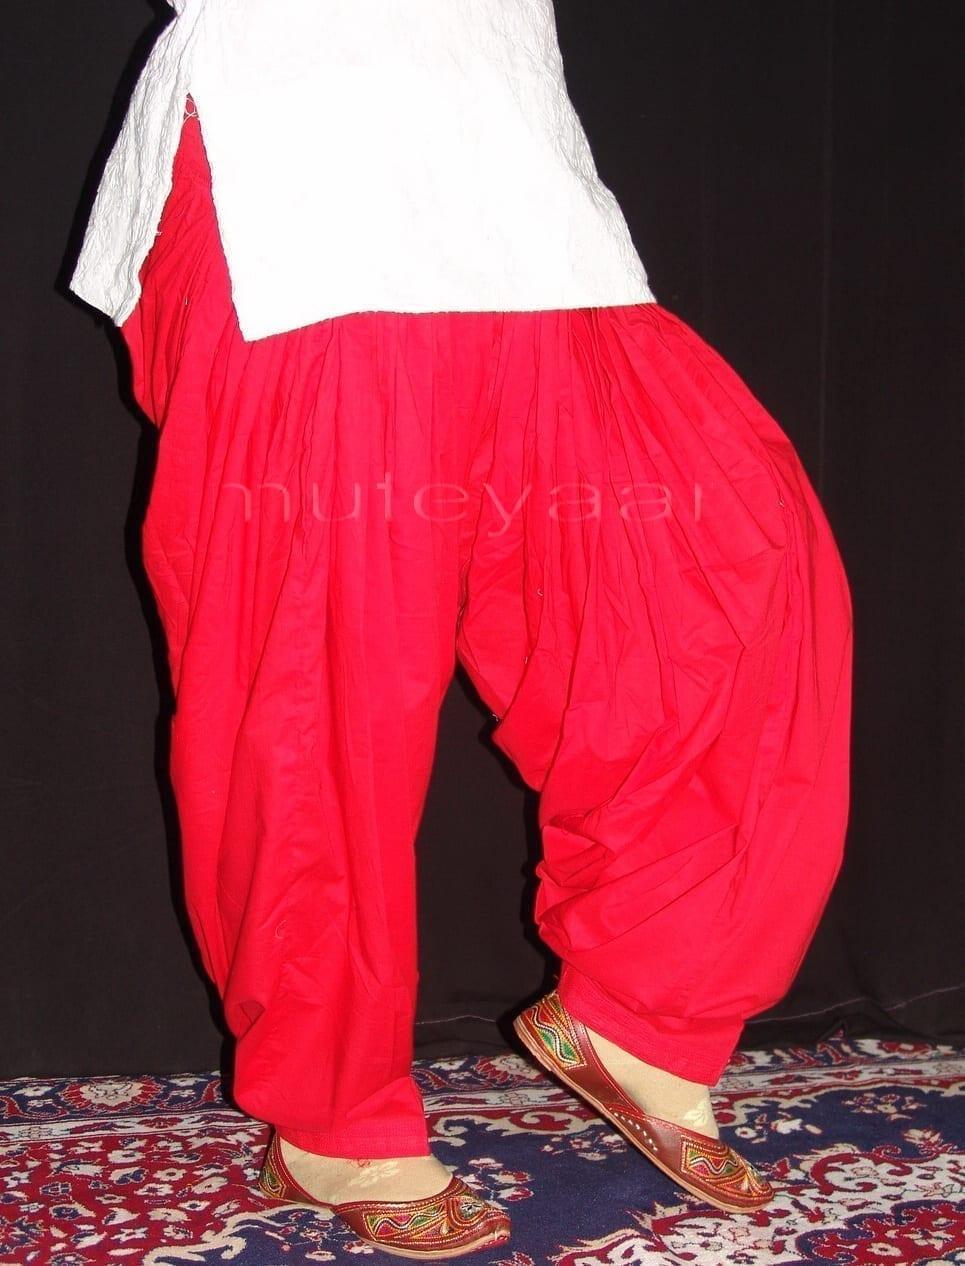 Patiala Salwars Wholesale Lot of 25 Pure Cotton Pants - Mix colours 26